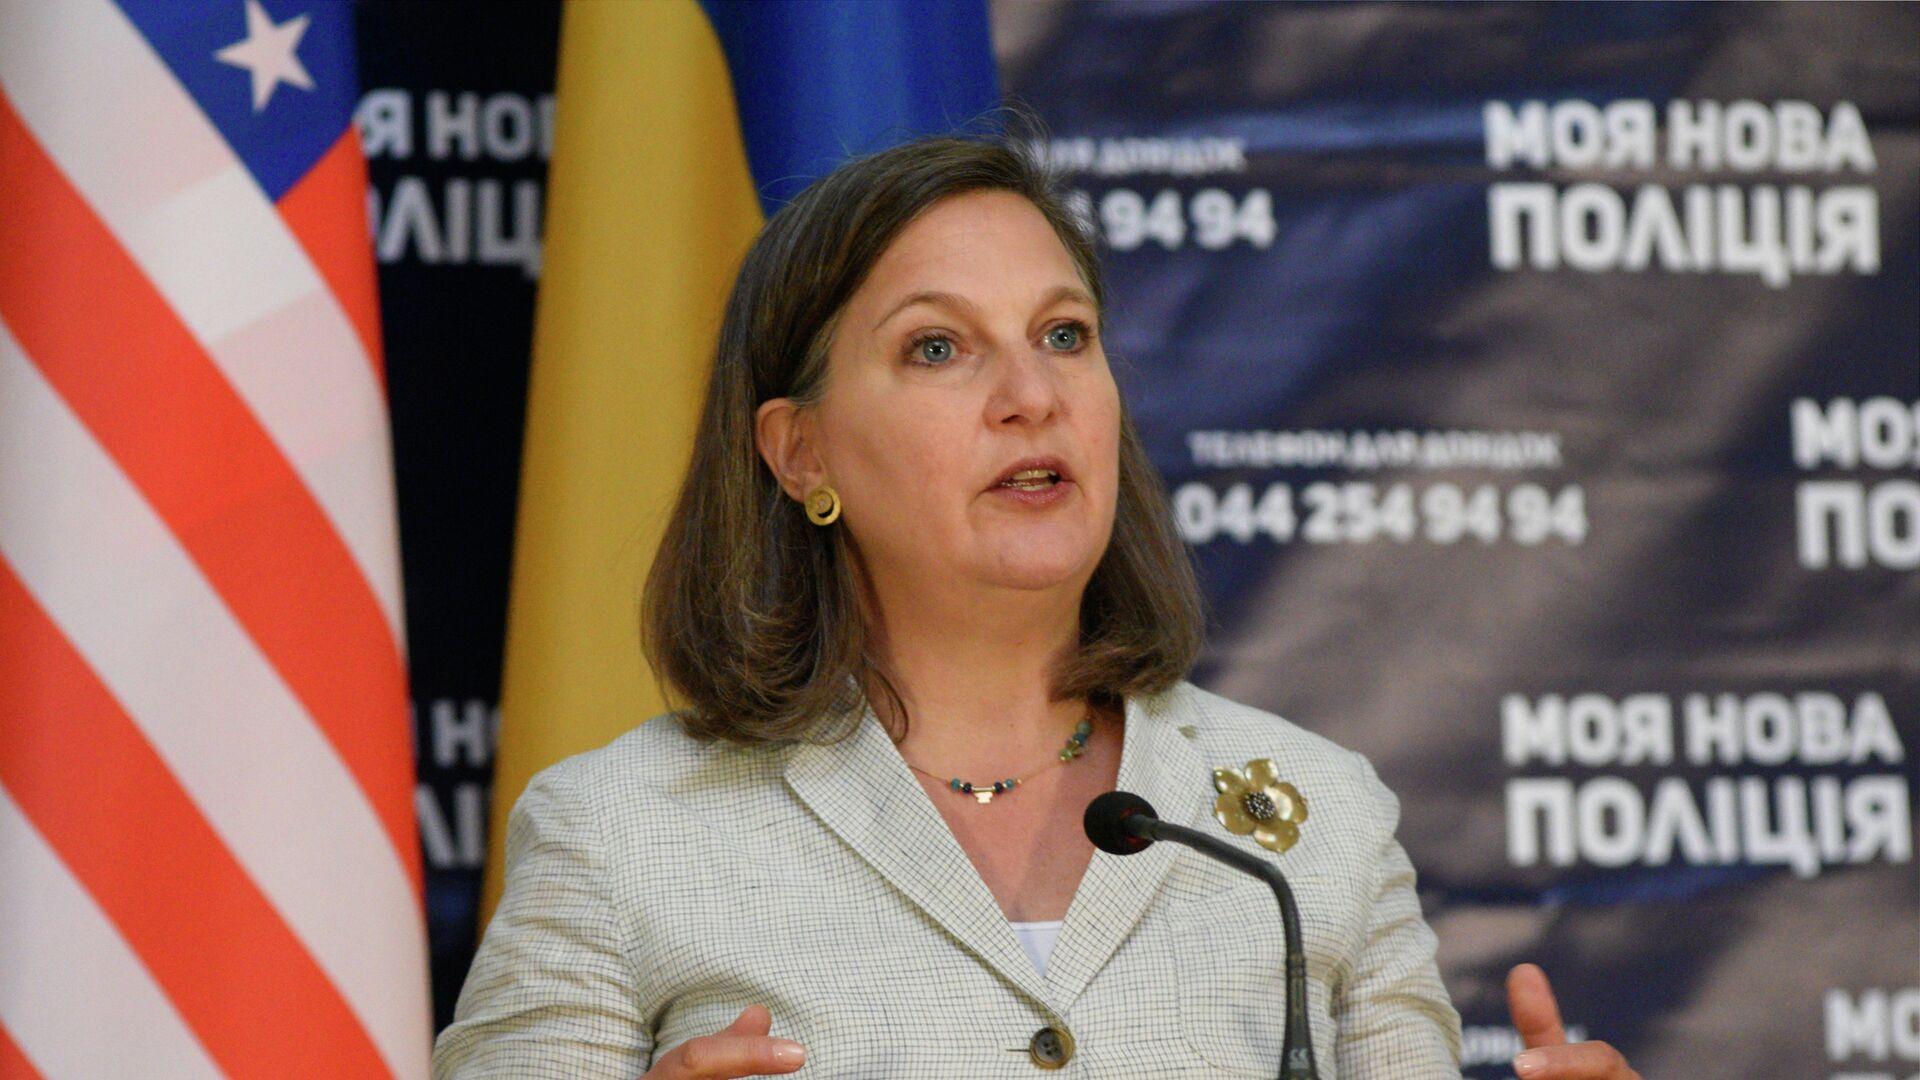 Помощник госсекретаря США Виктория Нуланд в Киеве - Sputnik Ўзбекистон, 1920, 12.10.2021